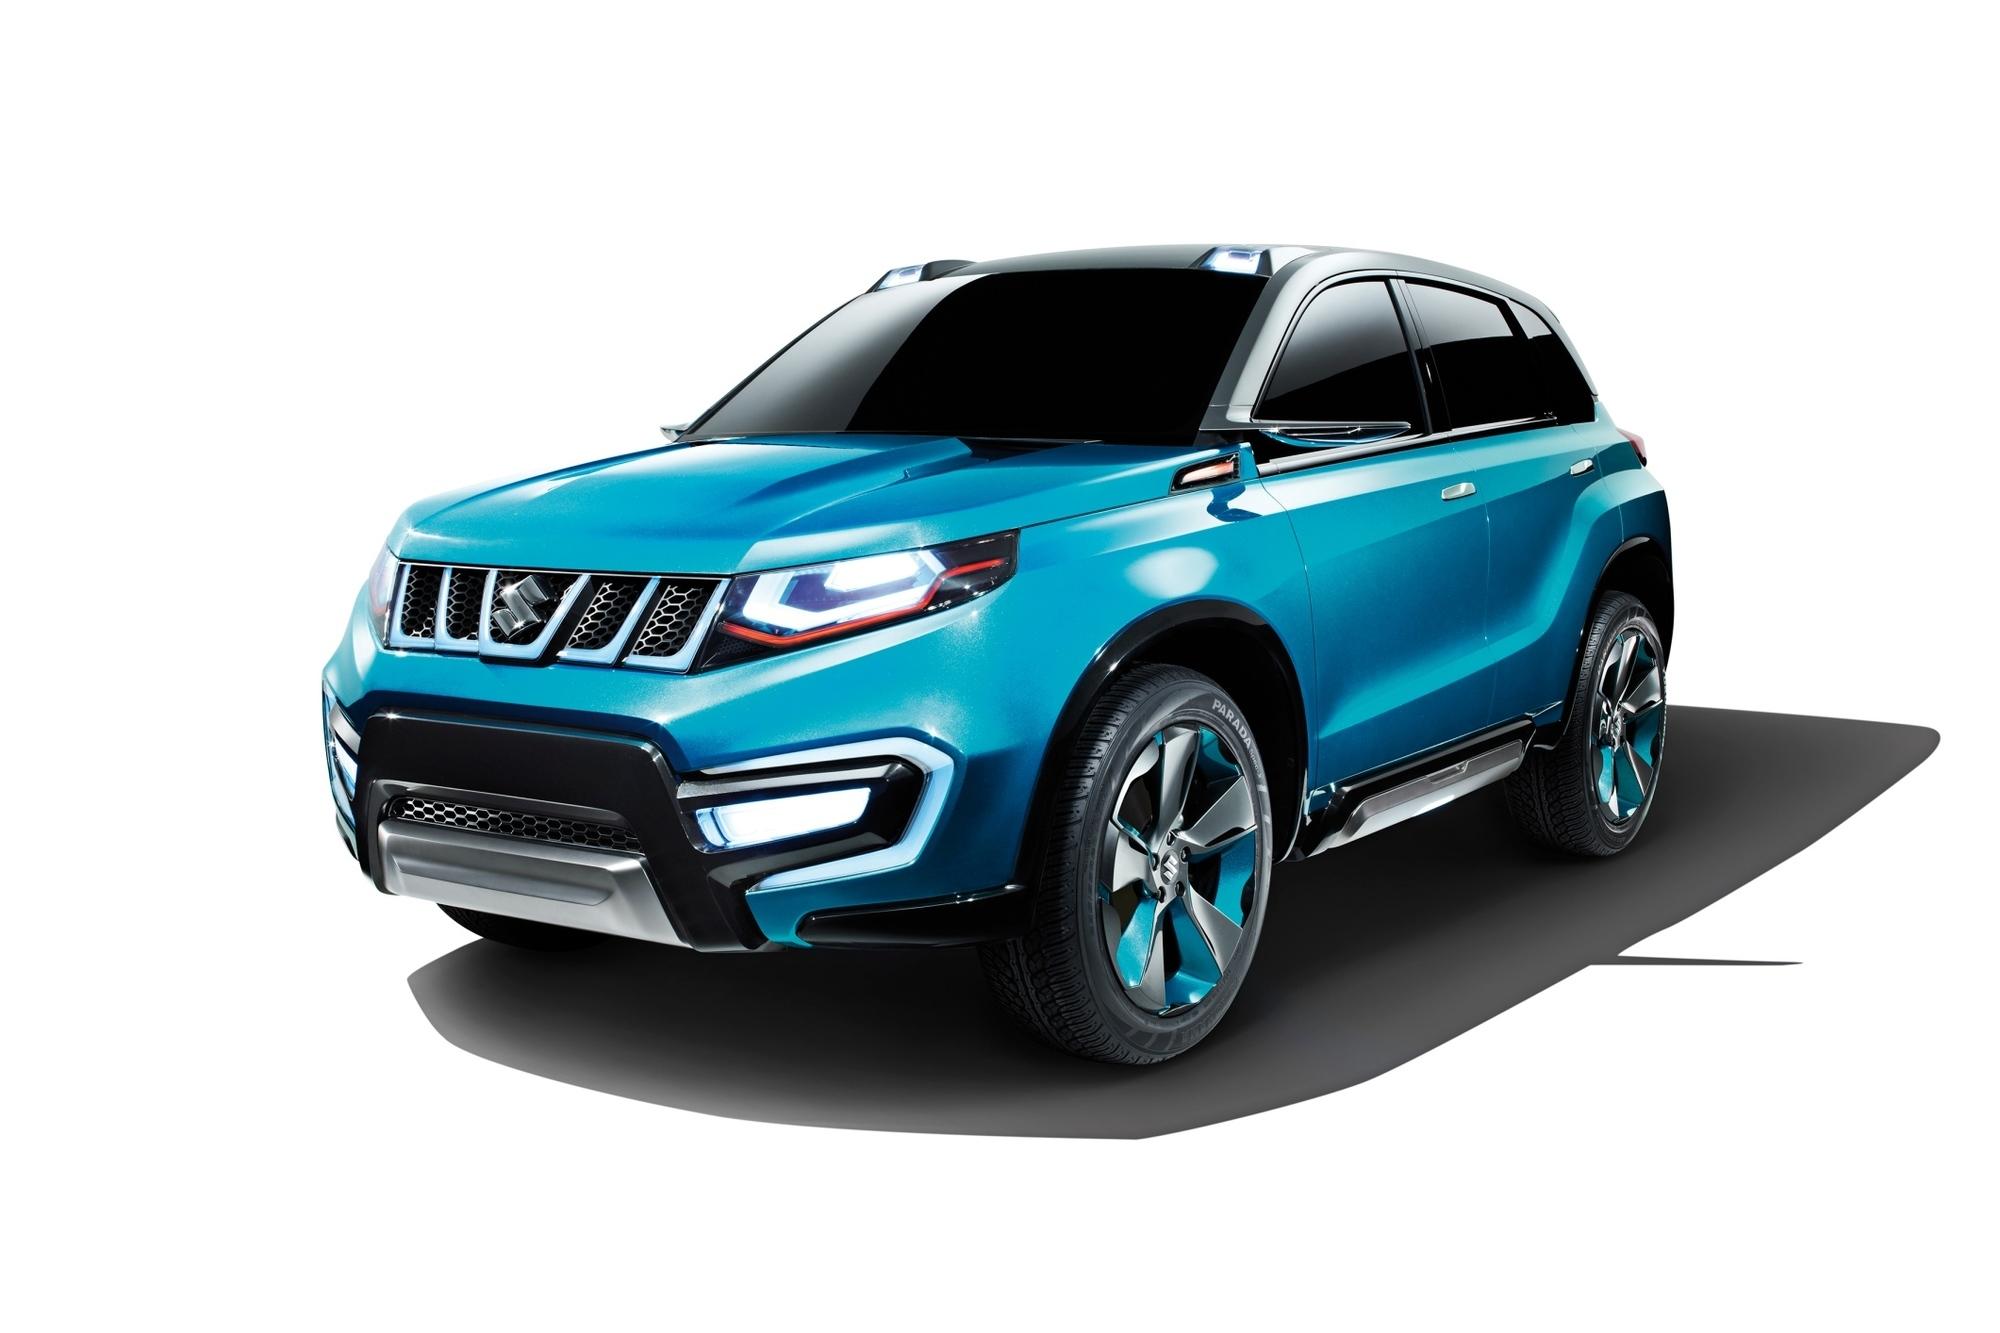 Suzuki iV-4 - Neues SUV kommt Anfang 2015